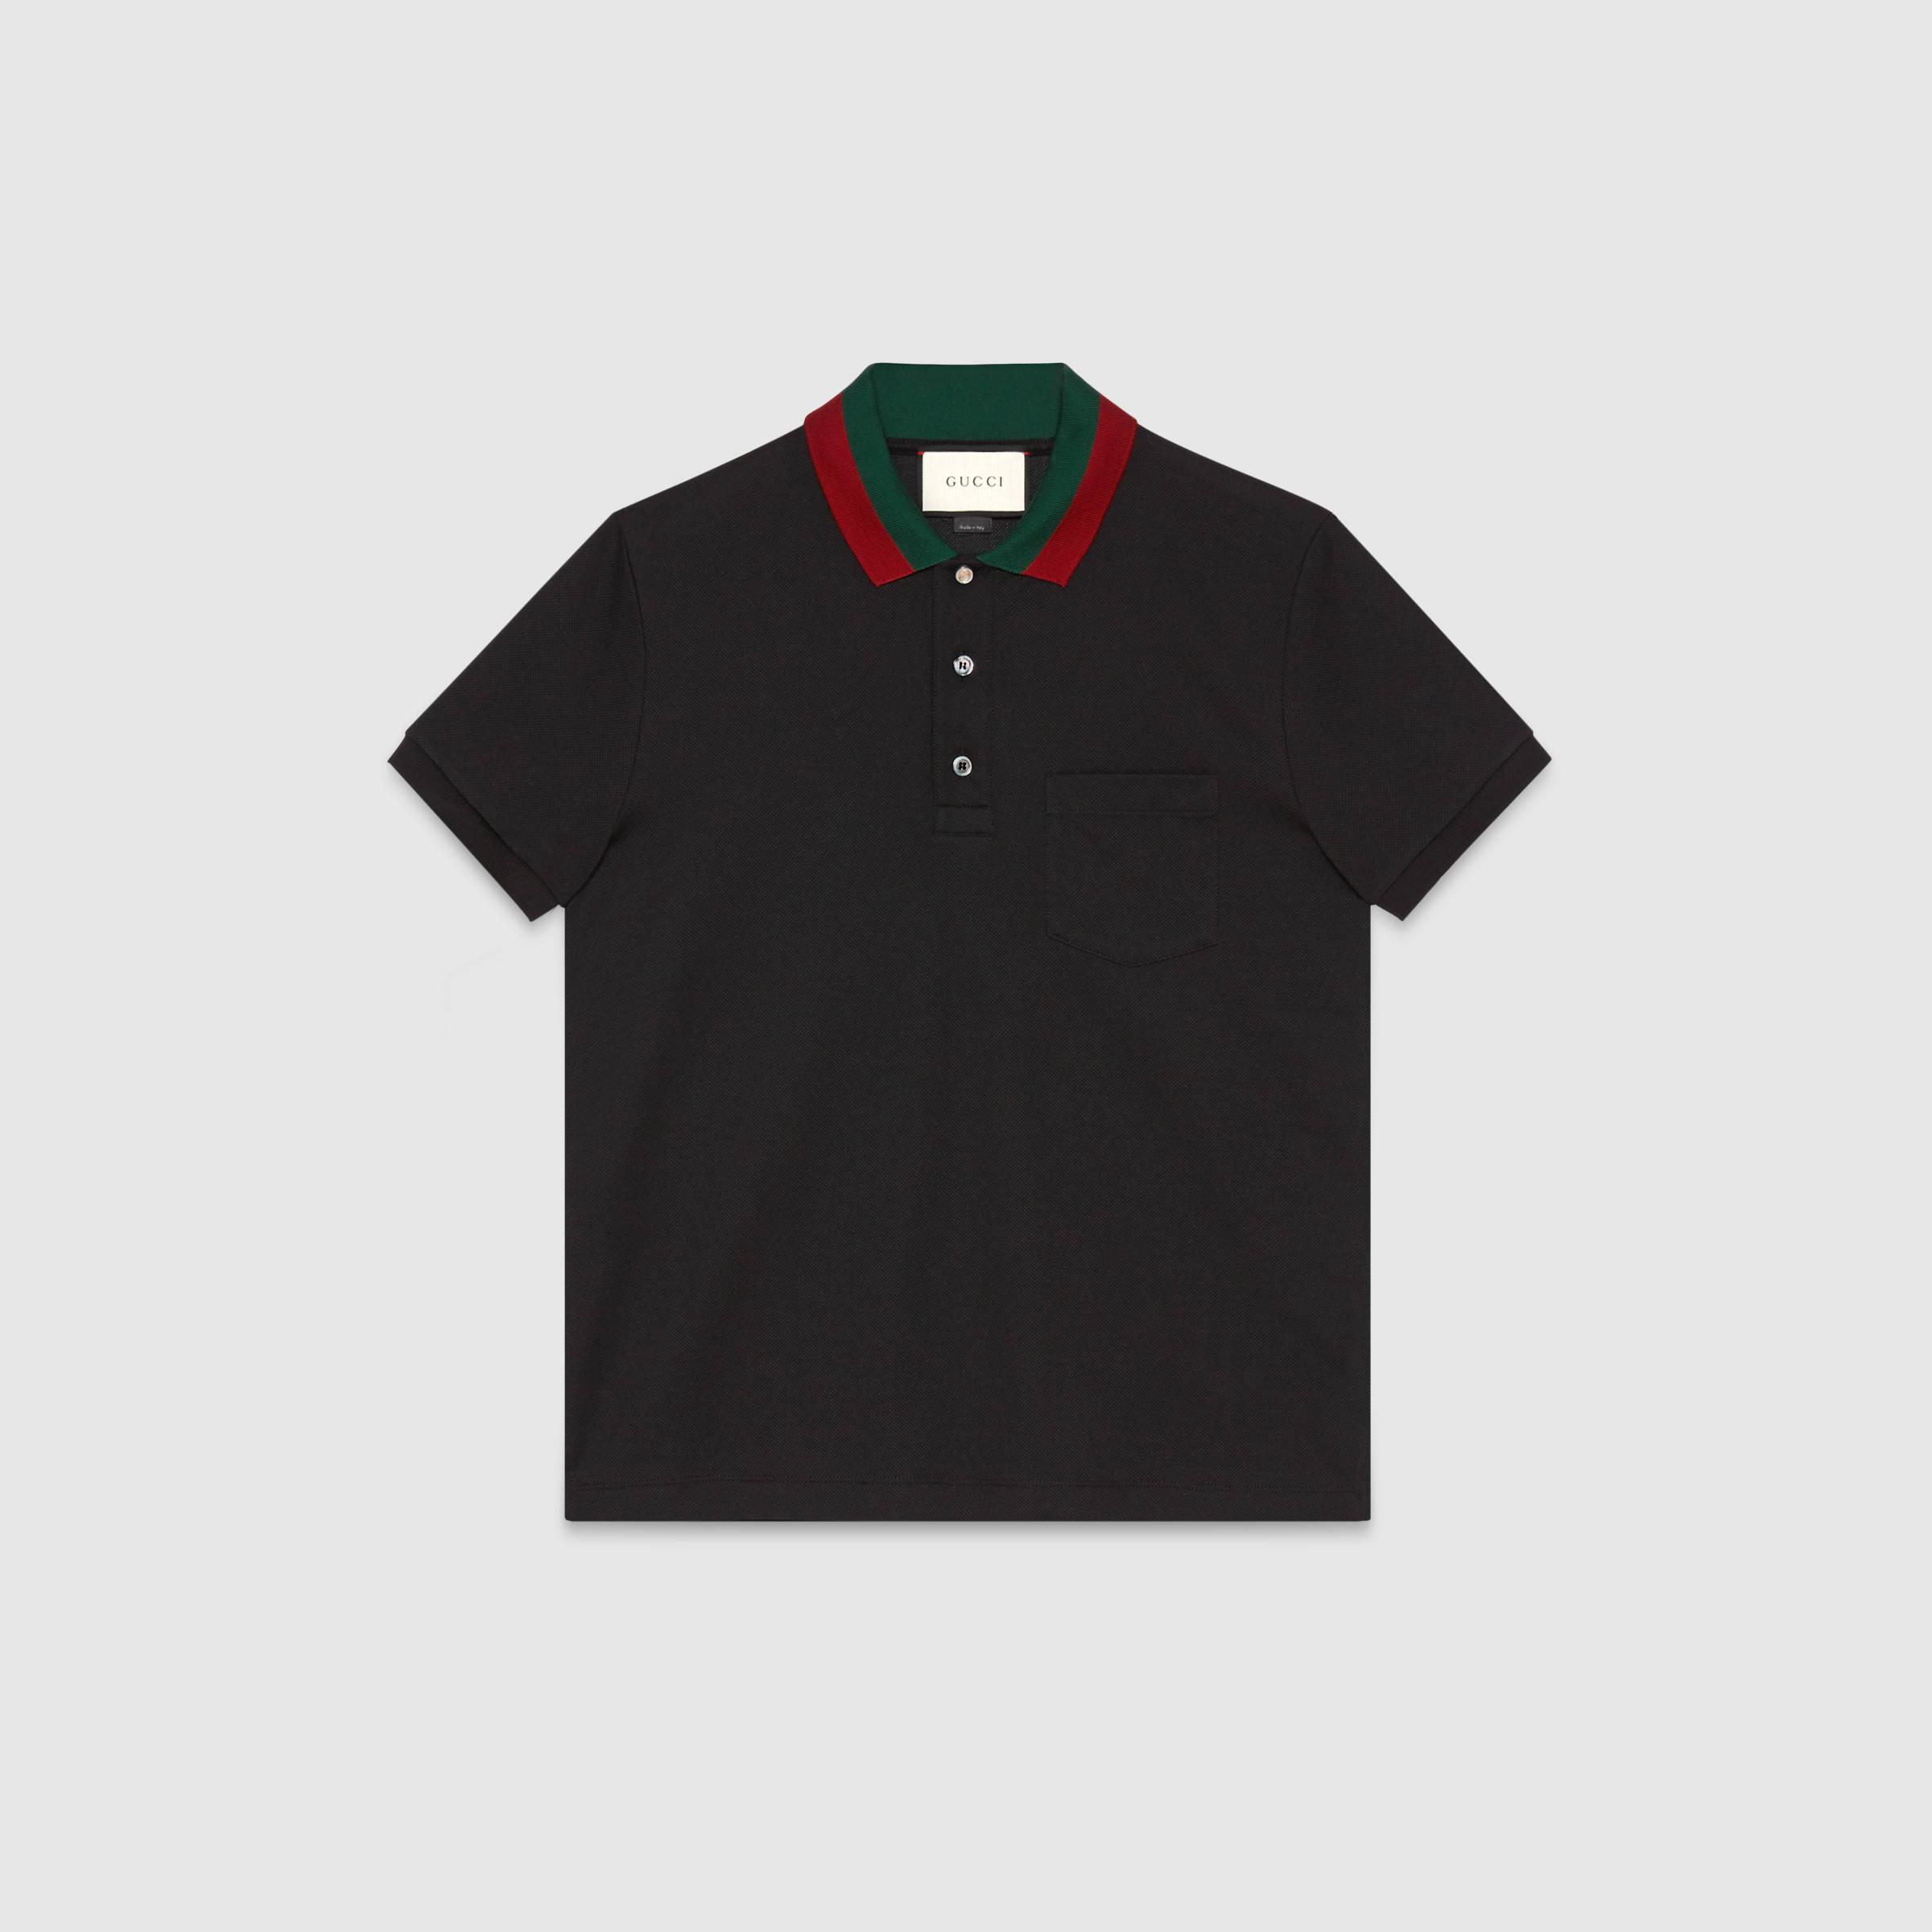 c25cb2e57743 Lyst - Gucci Cotton Polo With Web Collar in Black for Men